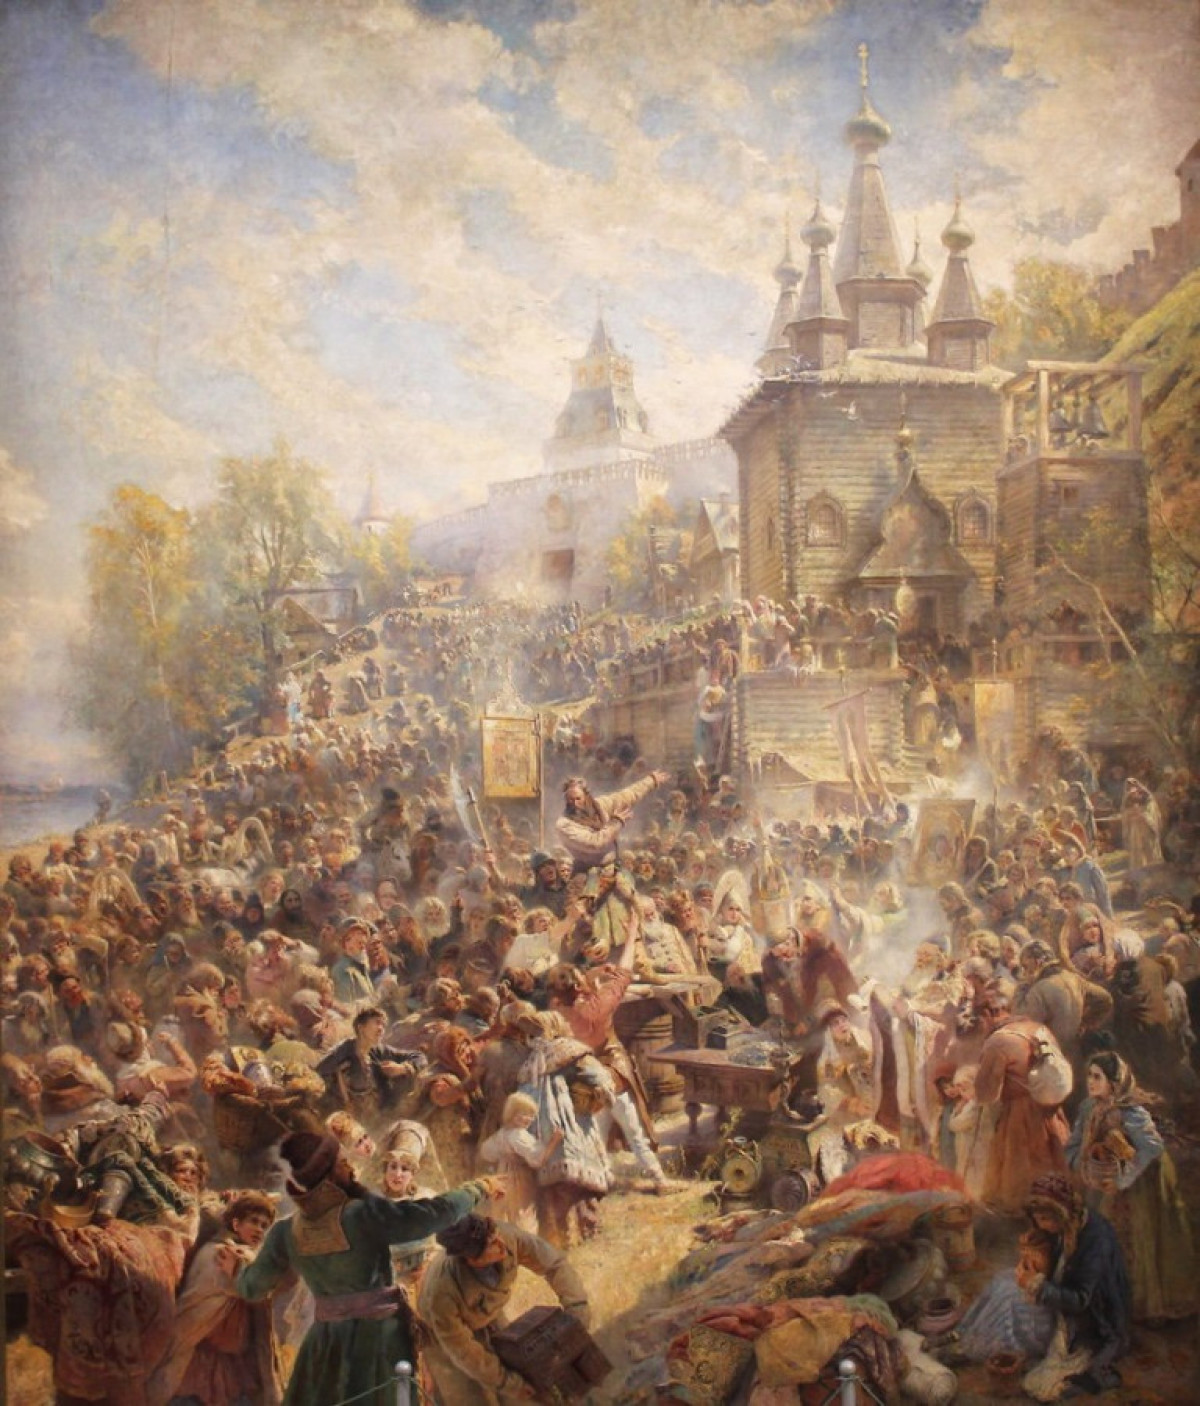 Нижегородцы смогут воссоздать картину «Воззвание Минина» из своих портретов